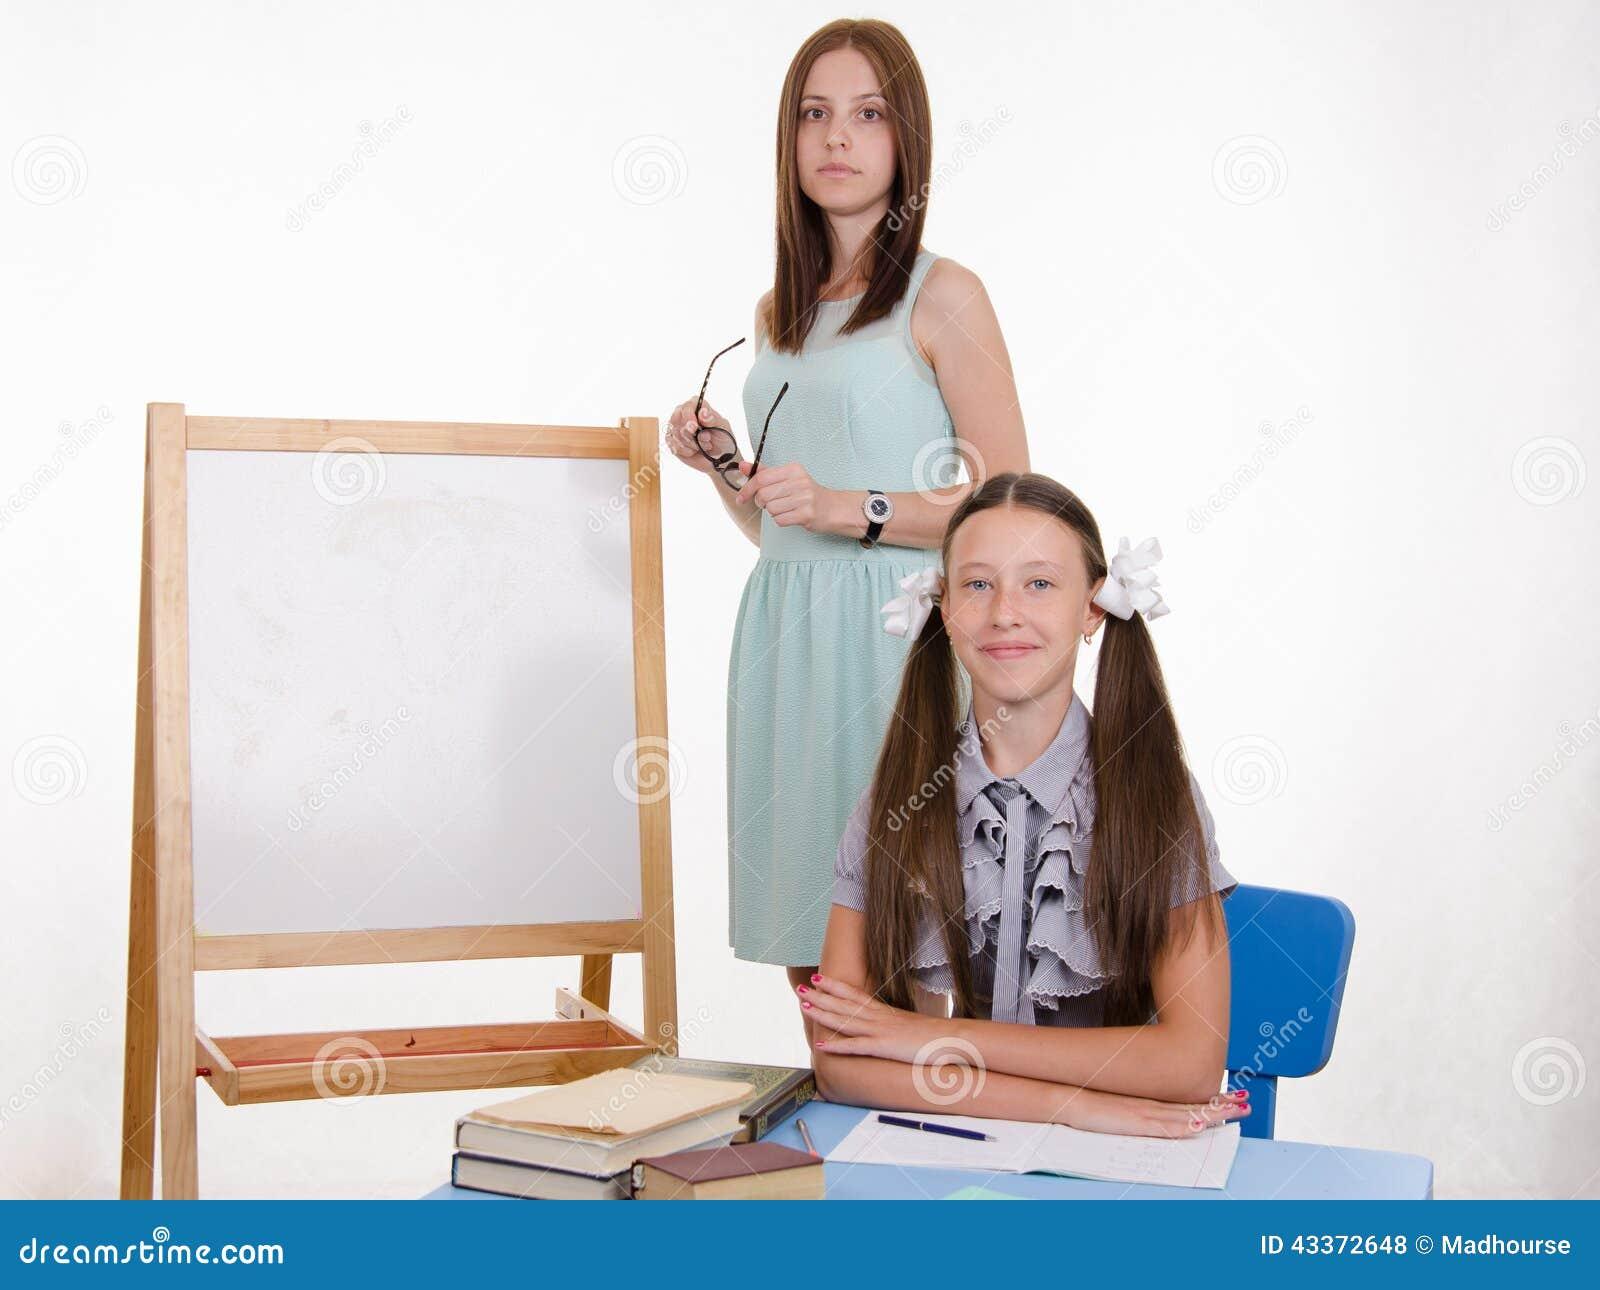 Ученик и плохая учительница 22 фотография